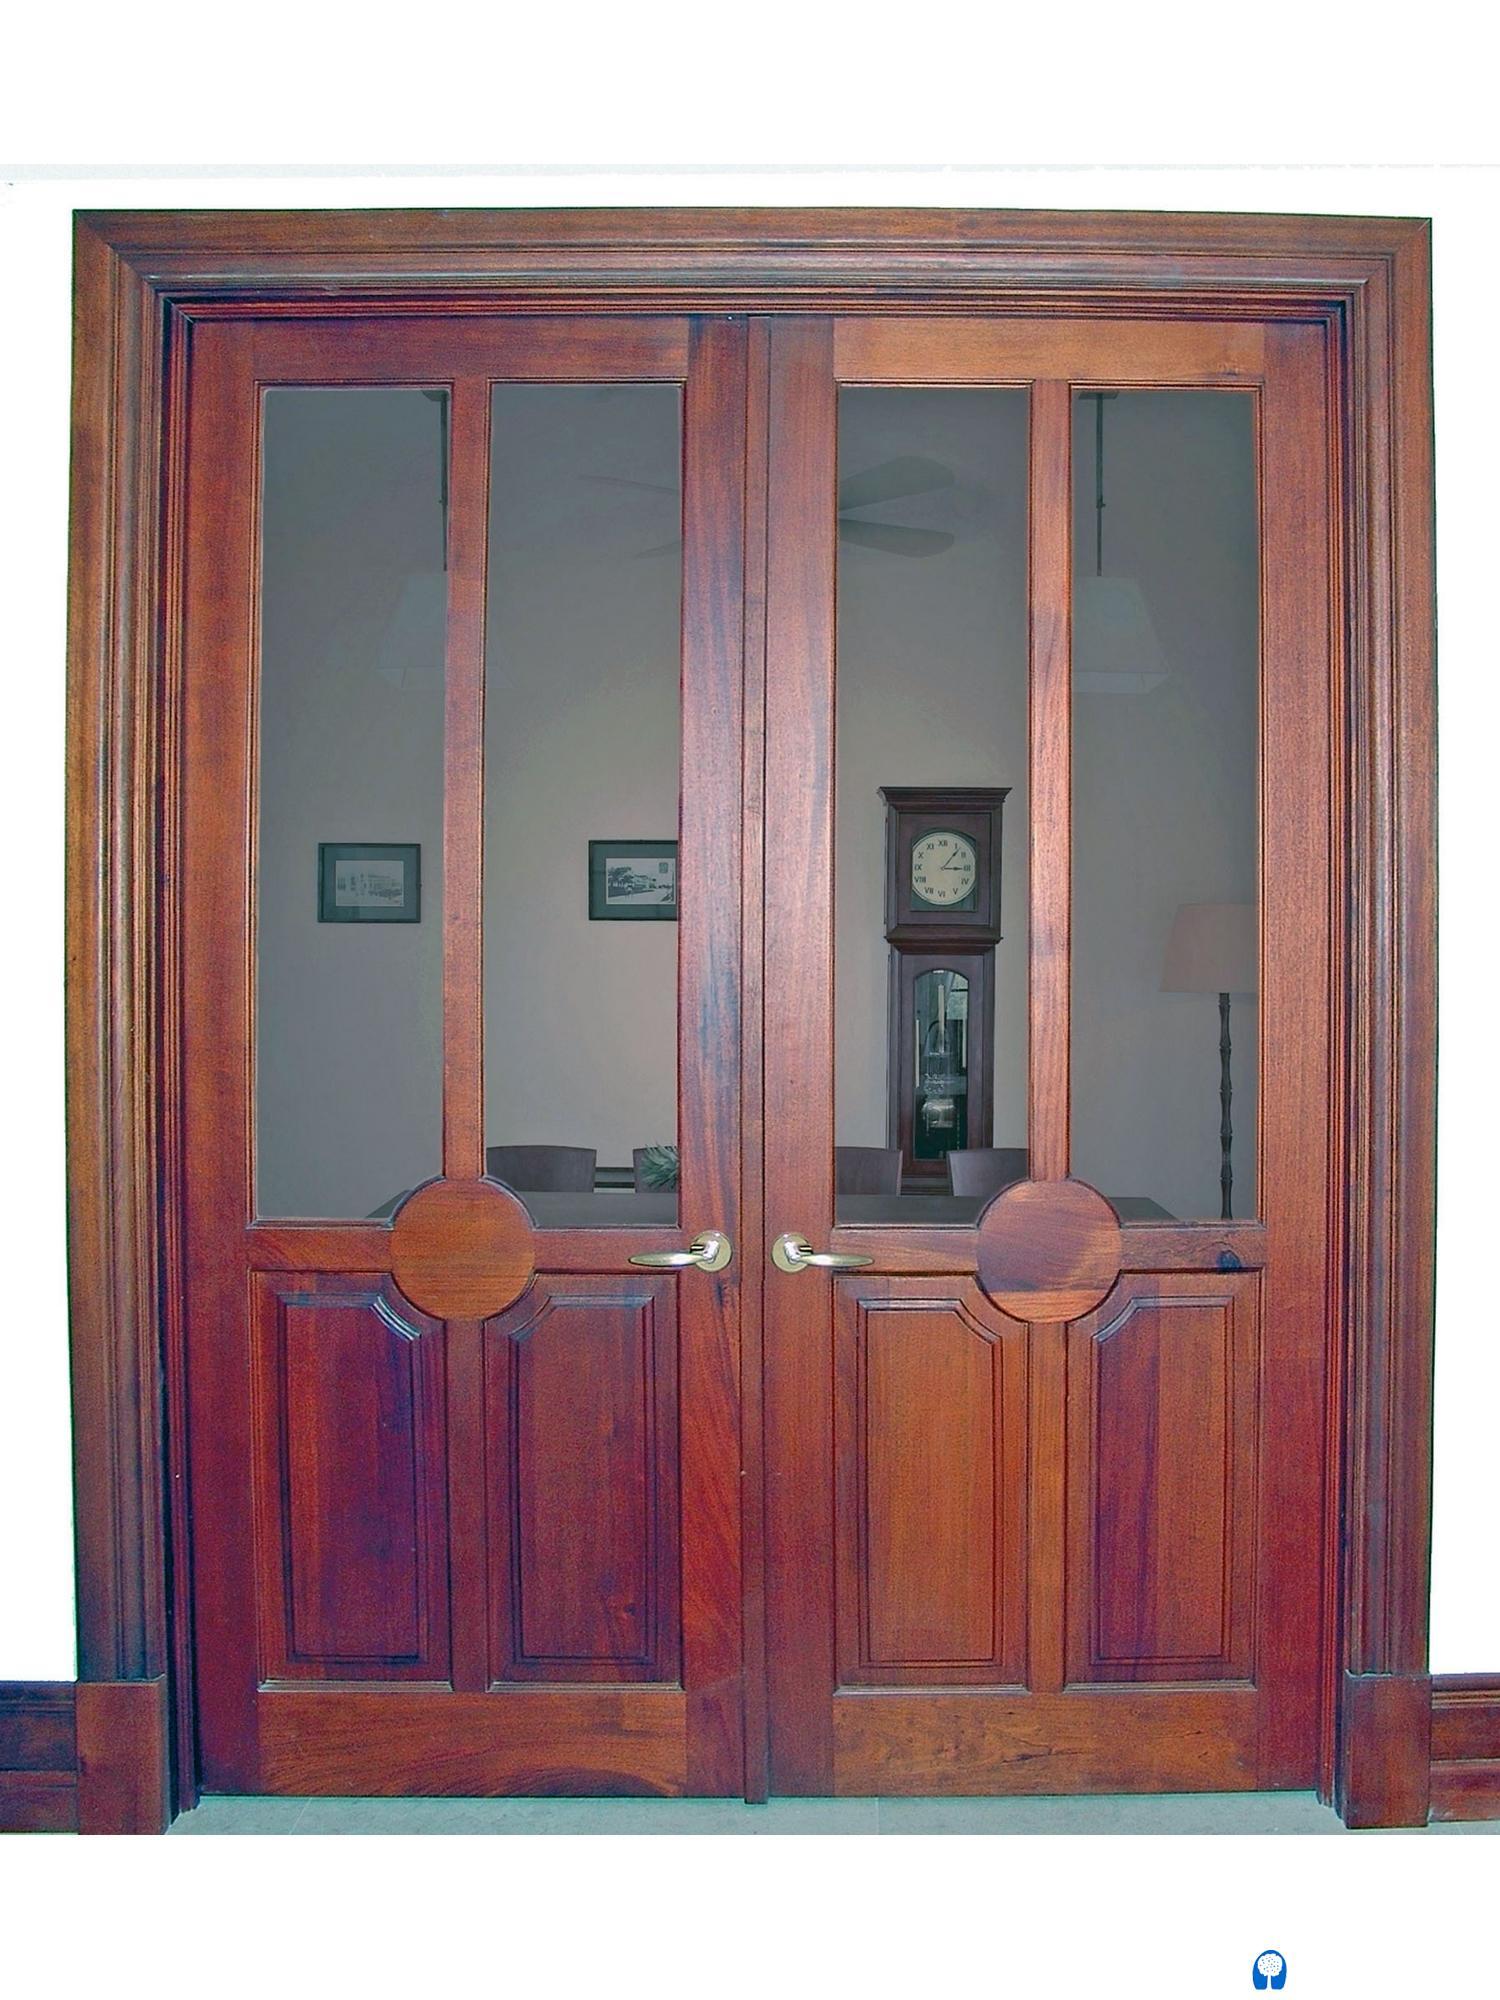 Marbella U2013 Mahogany Interior Doors